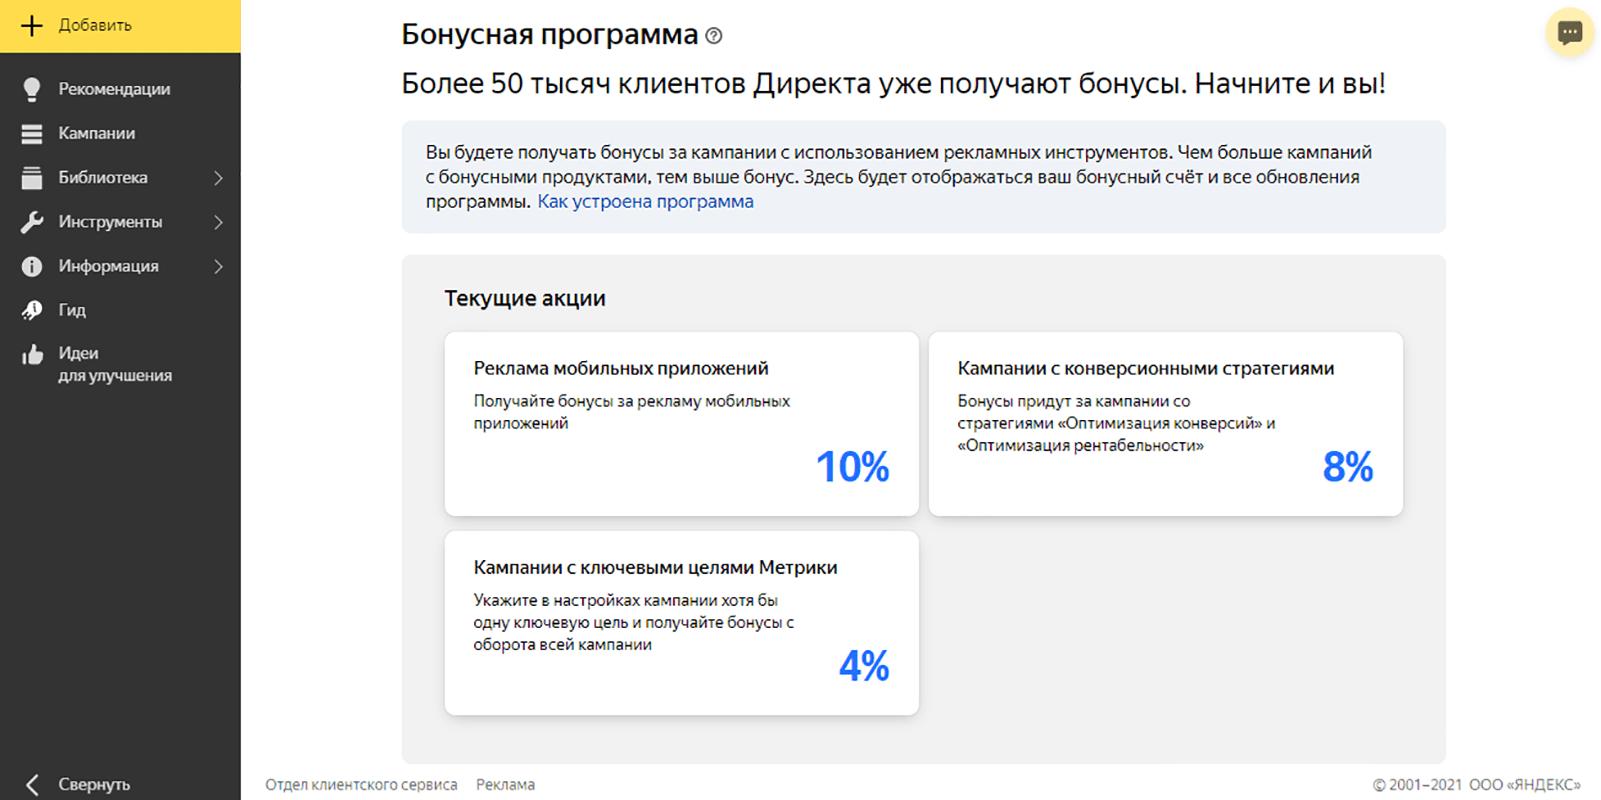 Как создать аккаунт в Яндекс Директ, регистрация и первая кампания